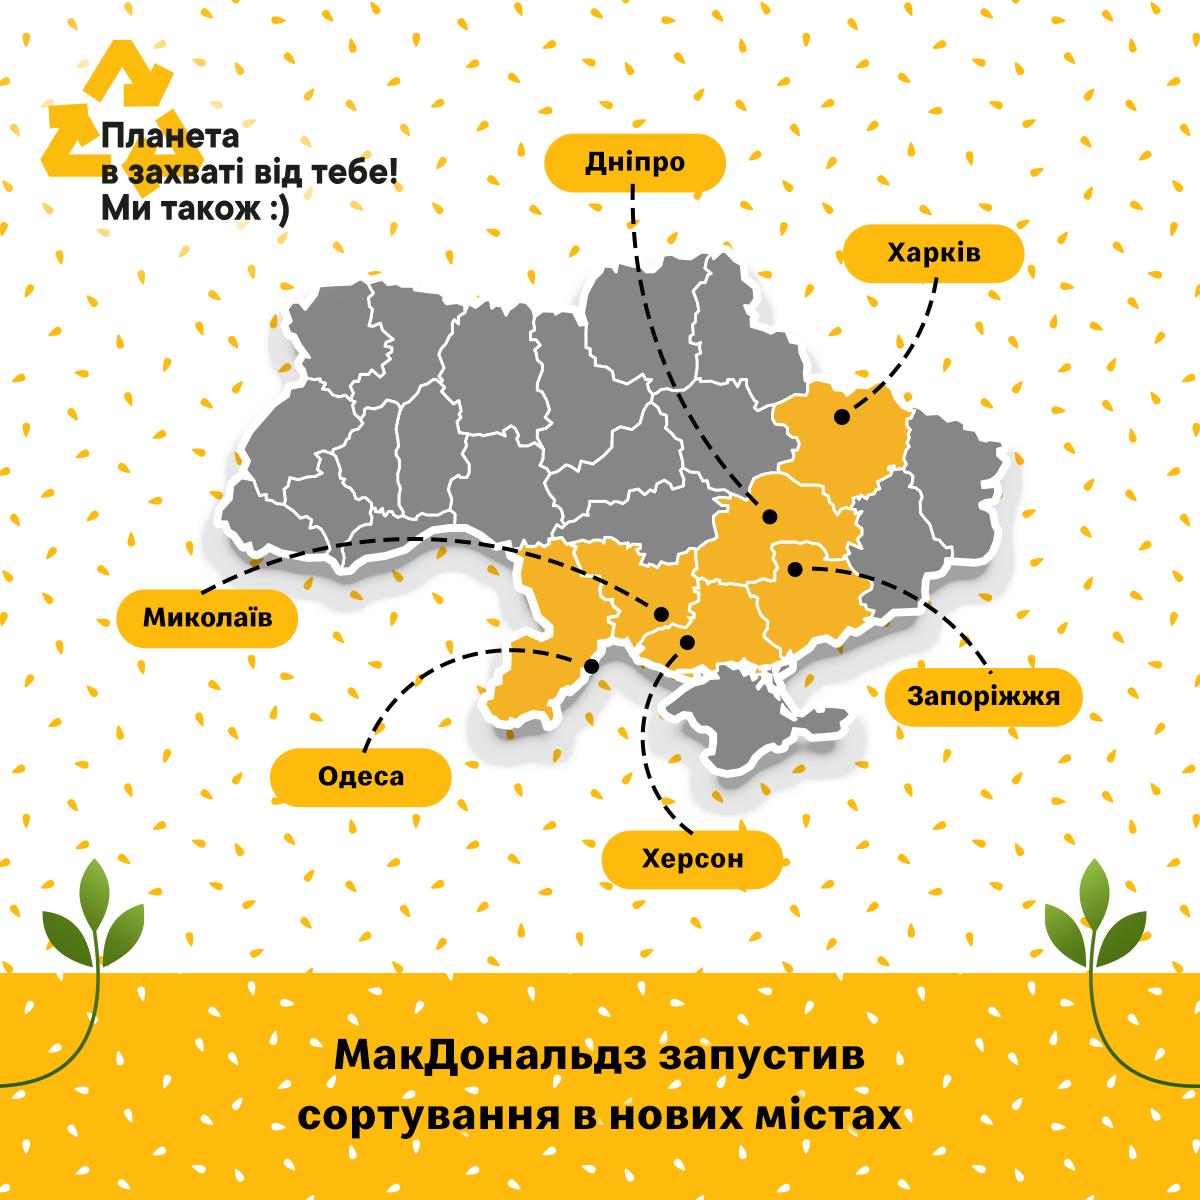 МсDonalds запустив сортування відходів в ресторанах ще шести міст України